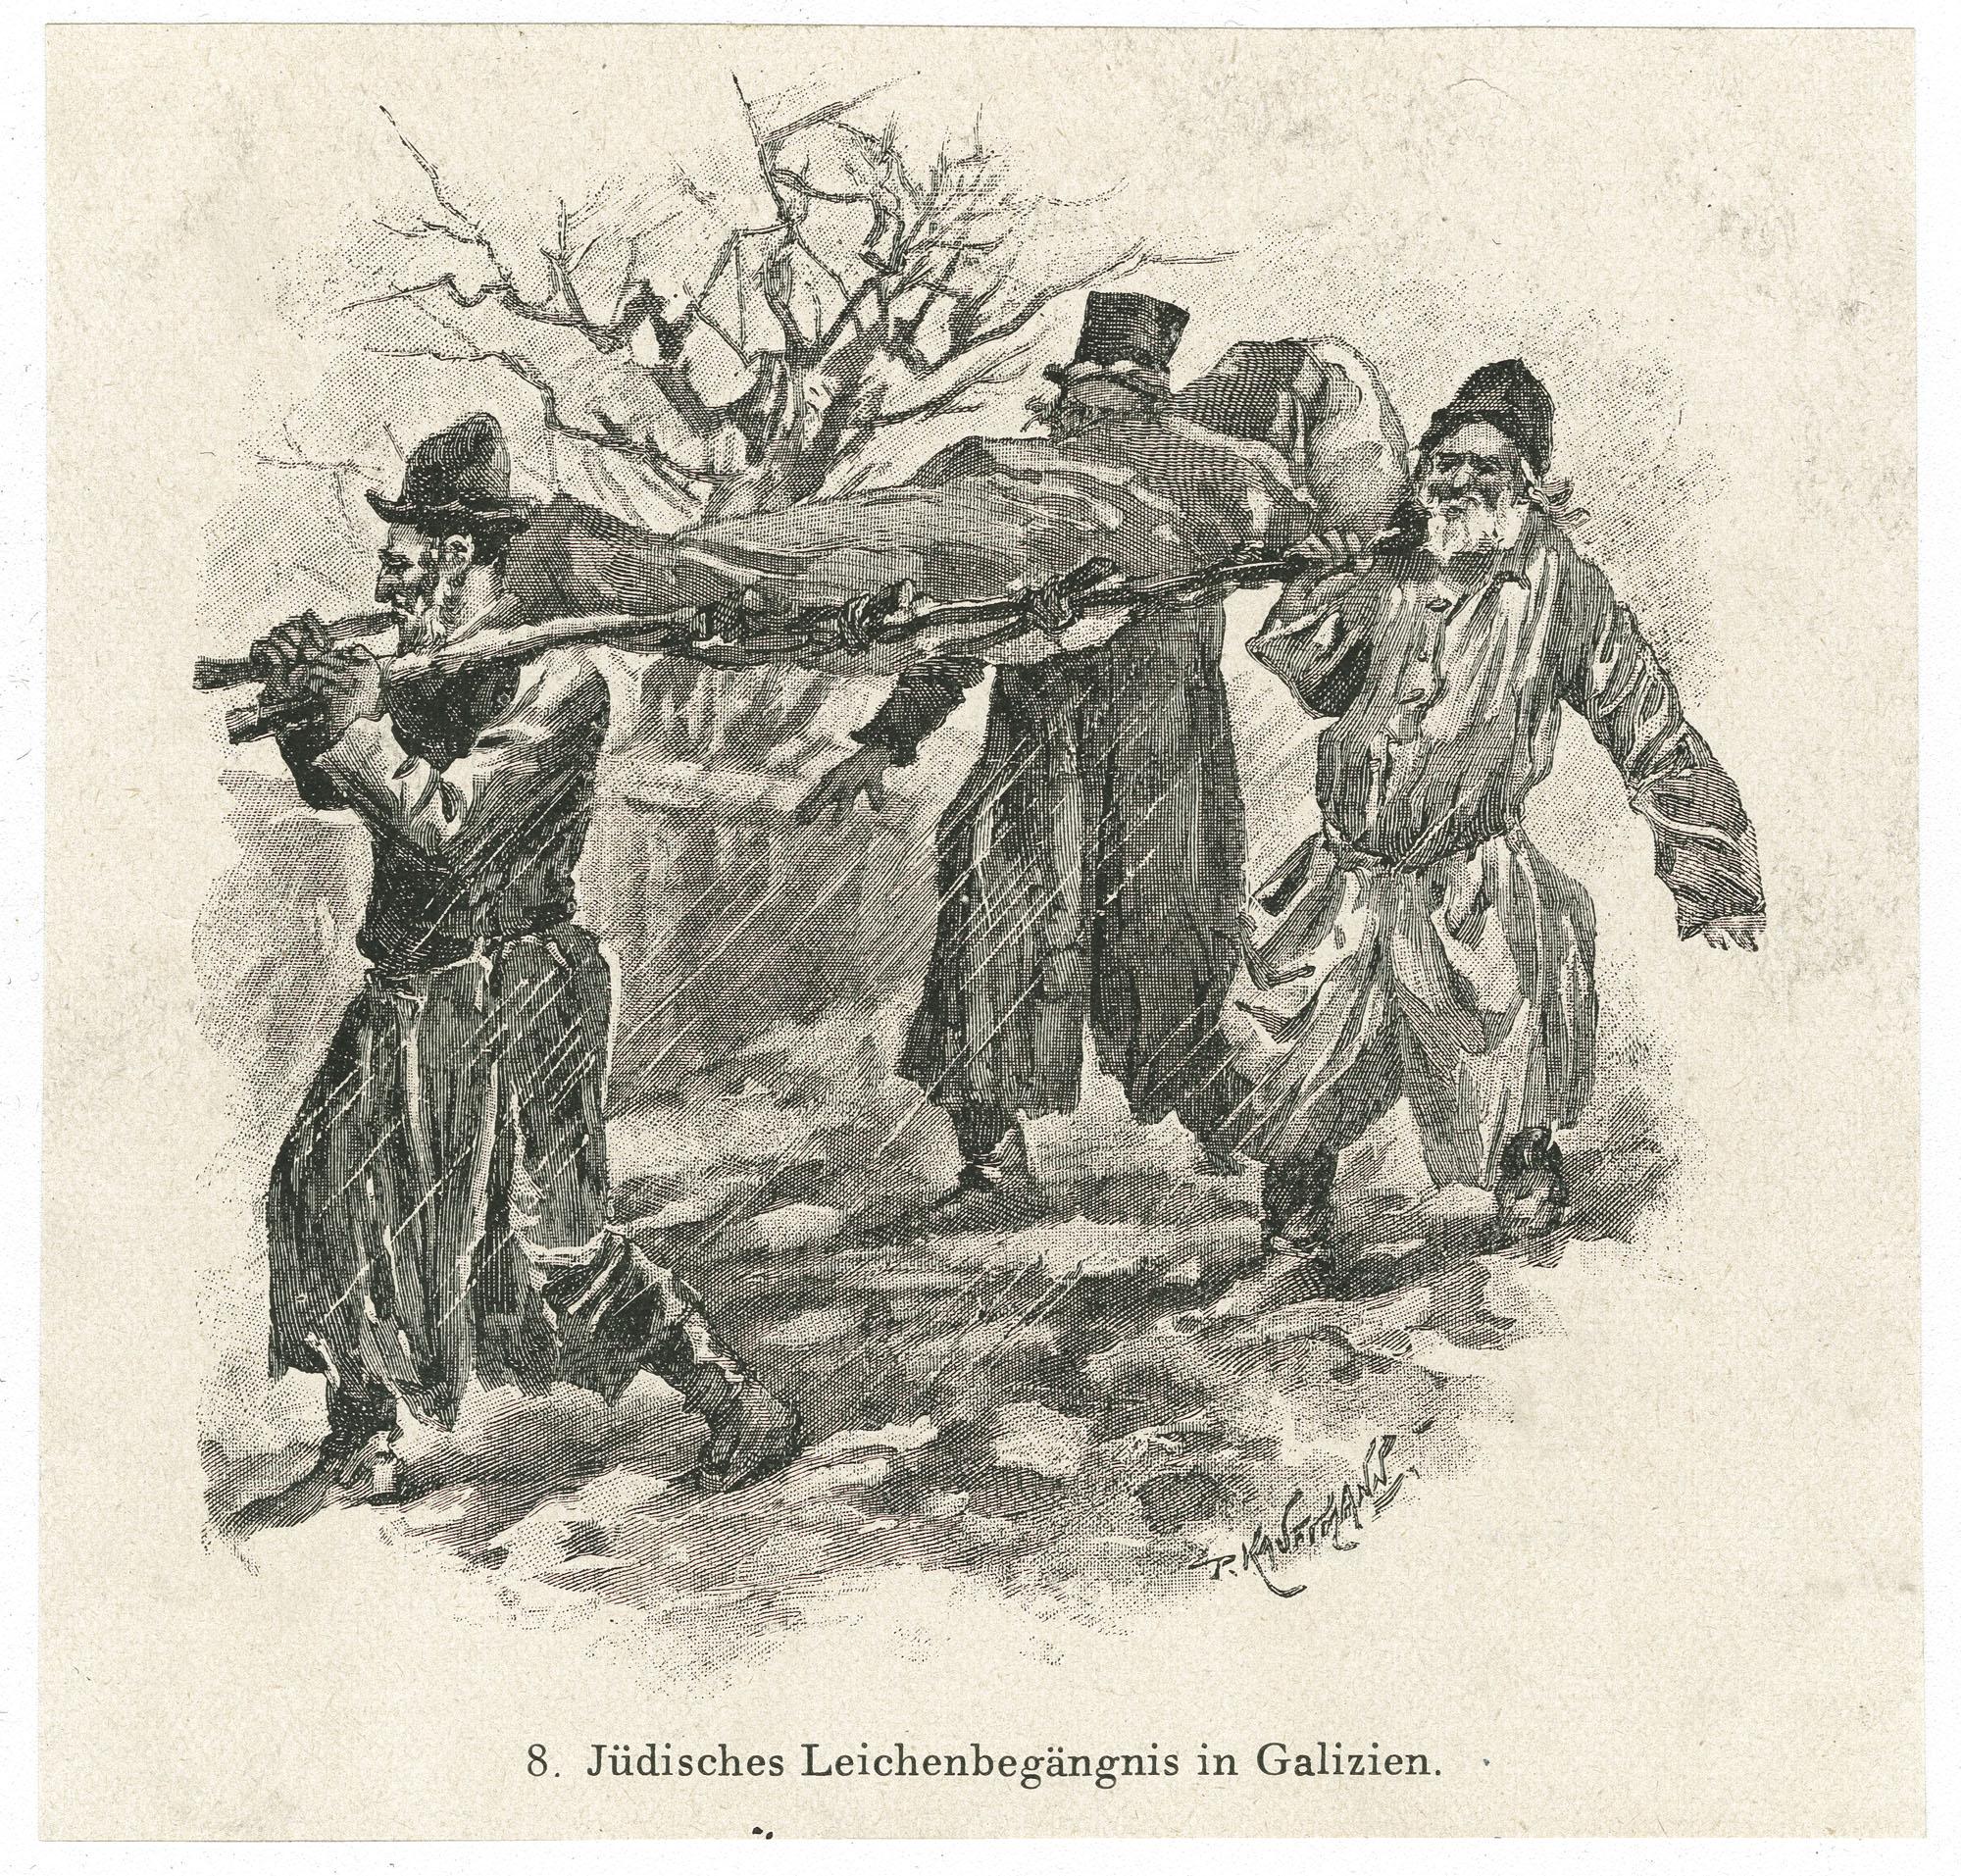 Jüdisches Leichenbegängnis in Galizien